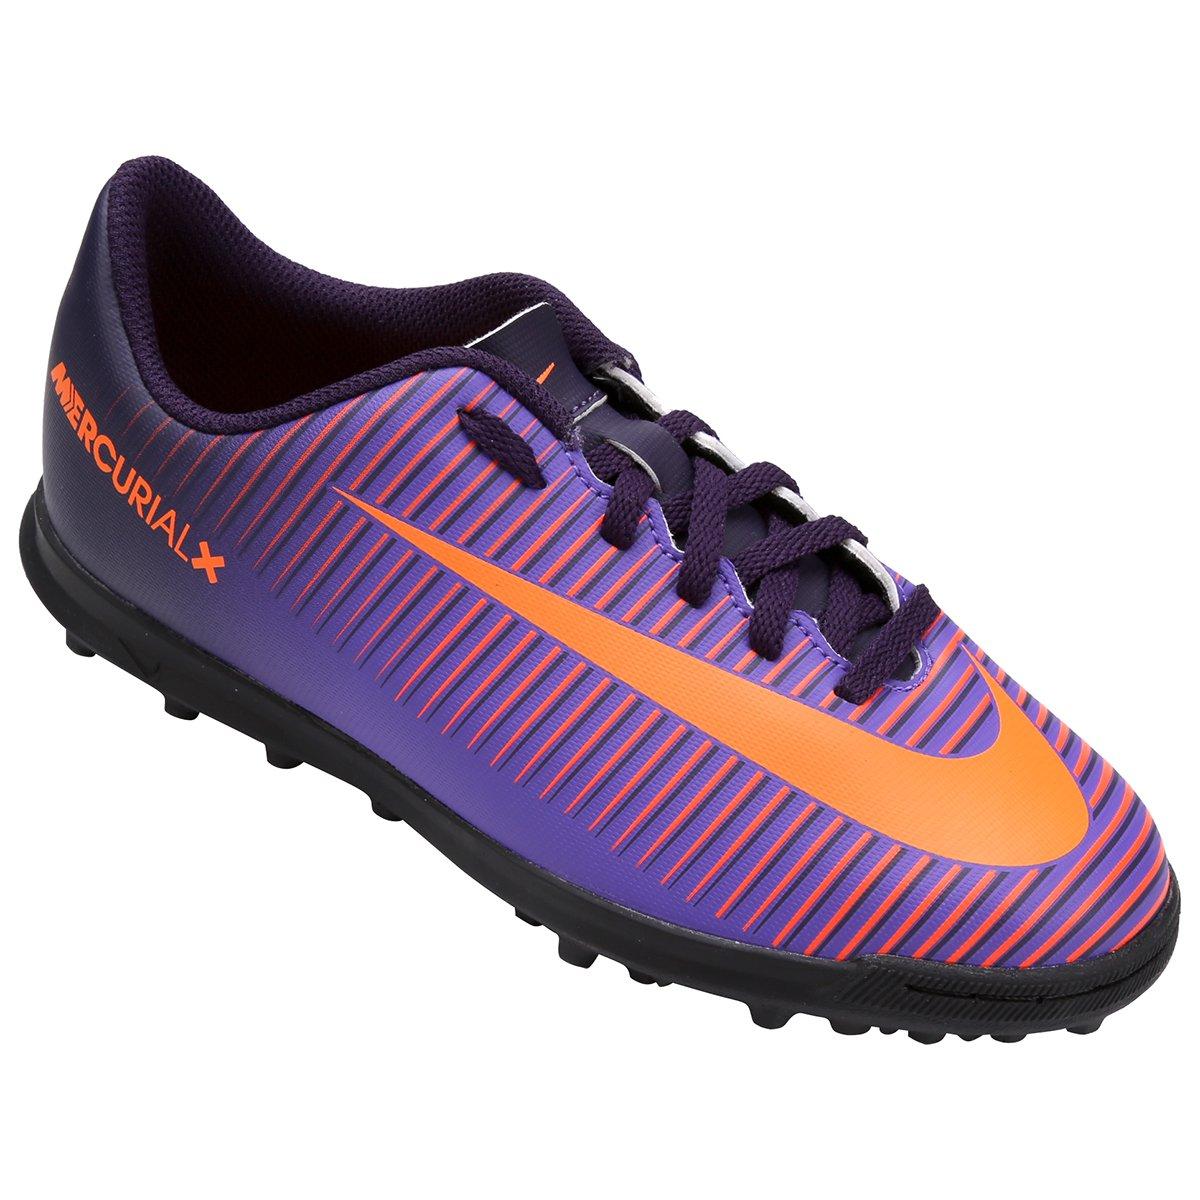 c9c4f6f15013e Chuteira Society Infantil Nike Mercurial Vortex 3 TF | Shop Timão